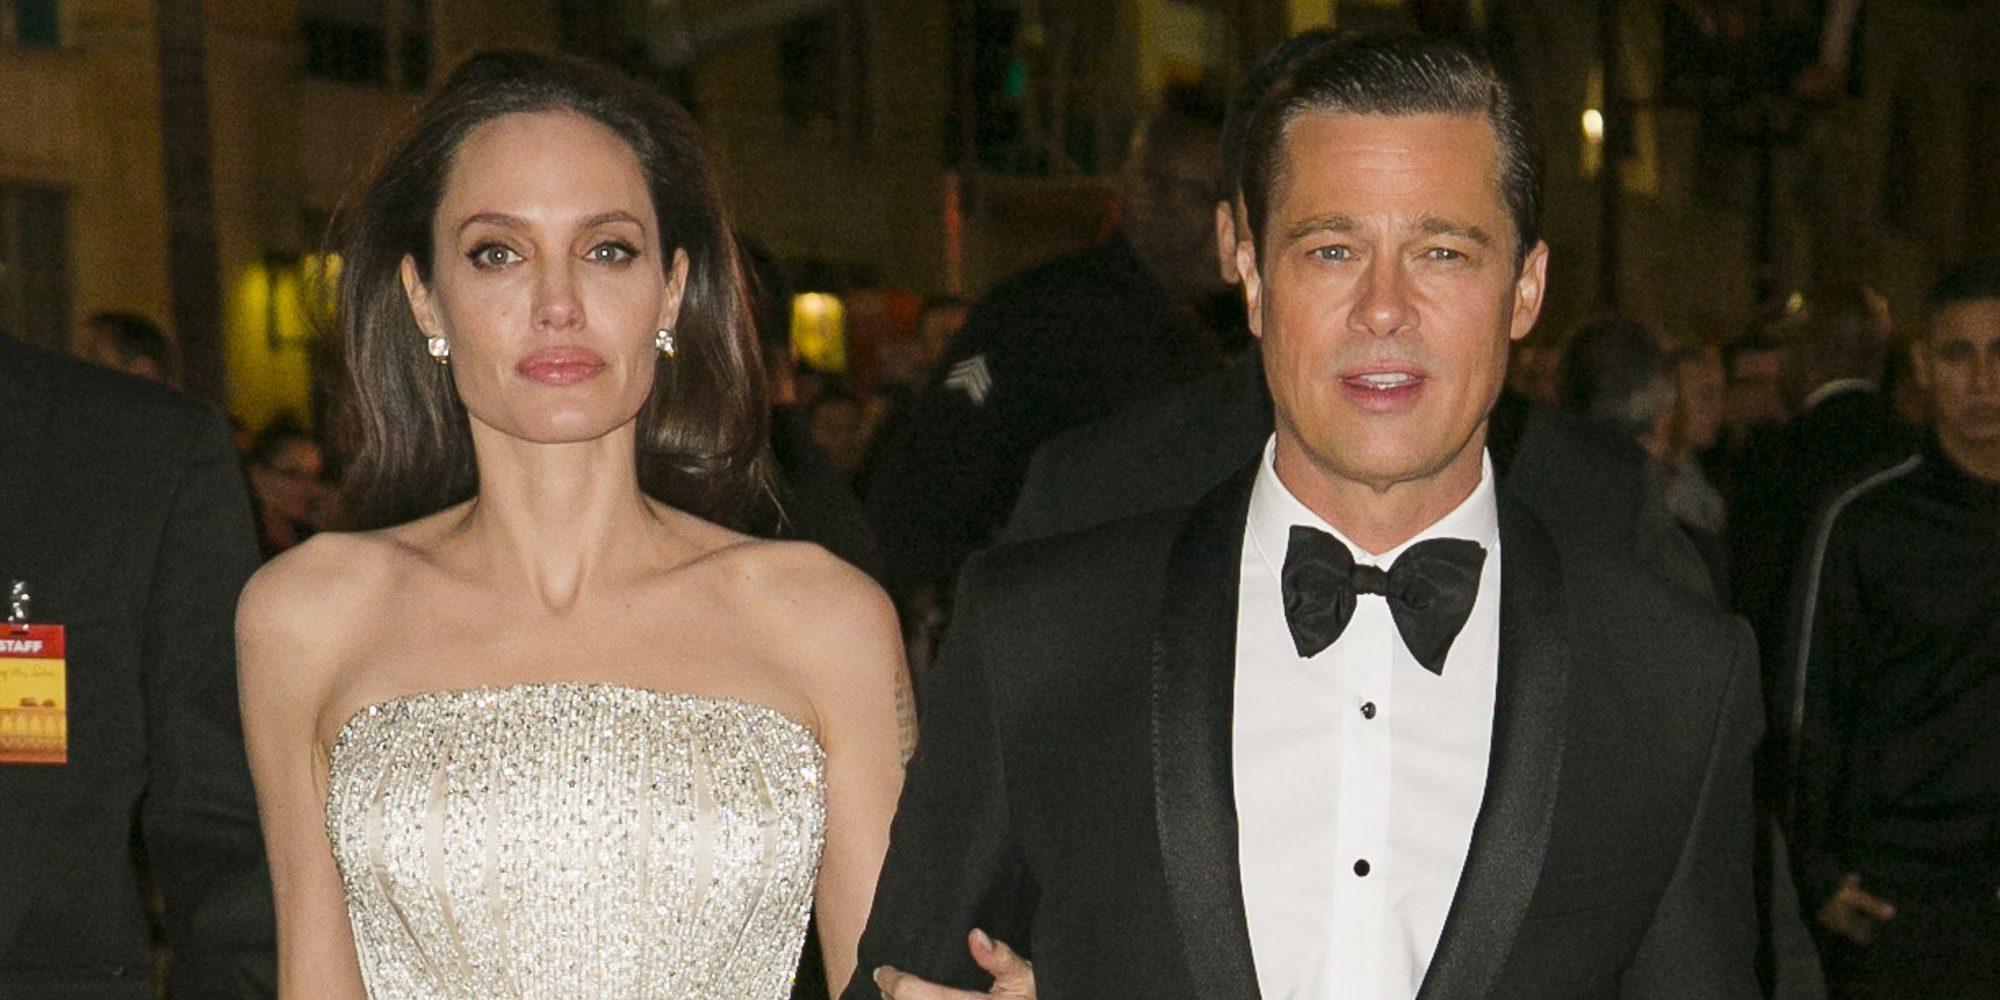 Verdades y mentiras sobre el divorcio de Brad Pitt y Angelina Jolie: alcohol, drogas e infidelidades